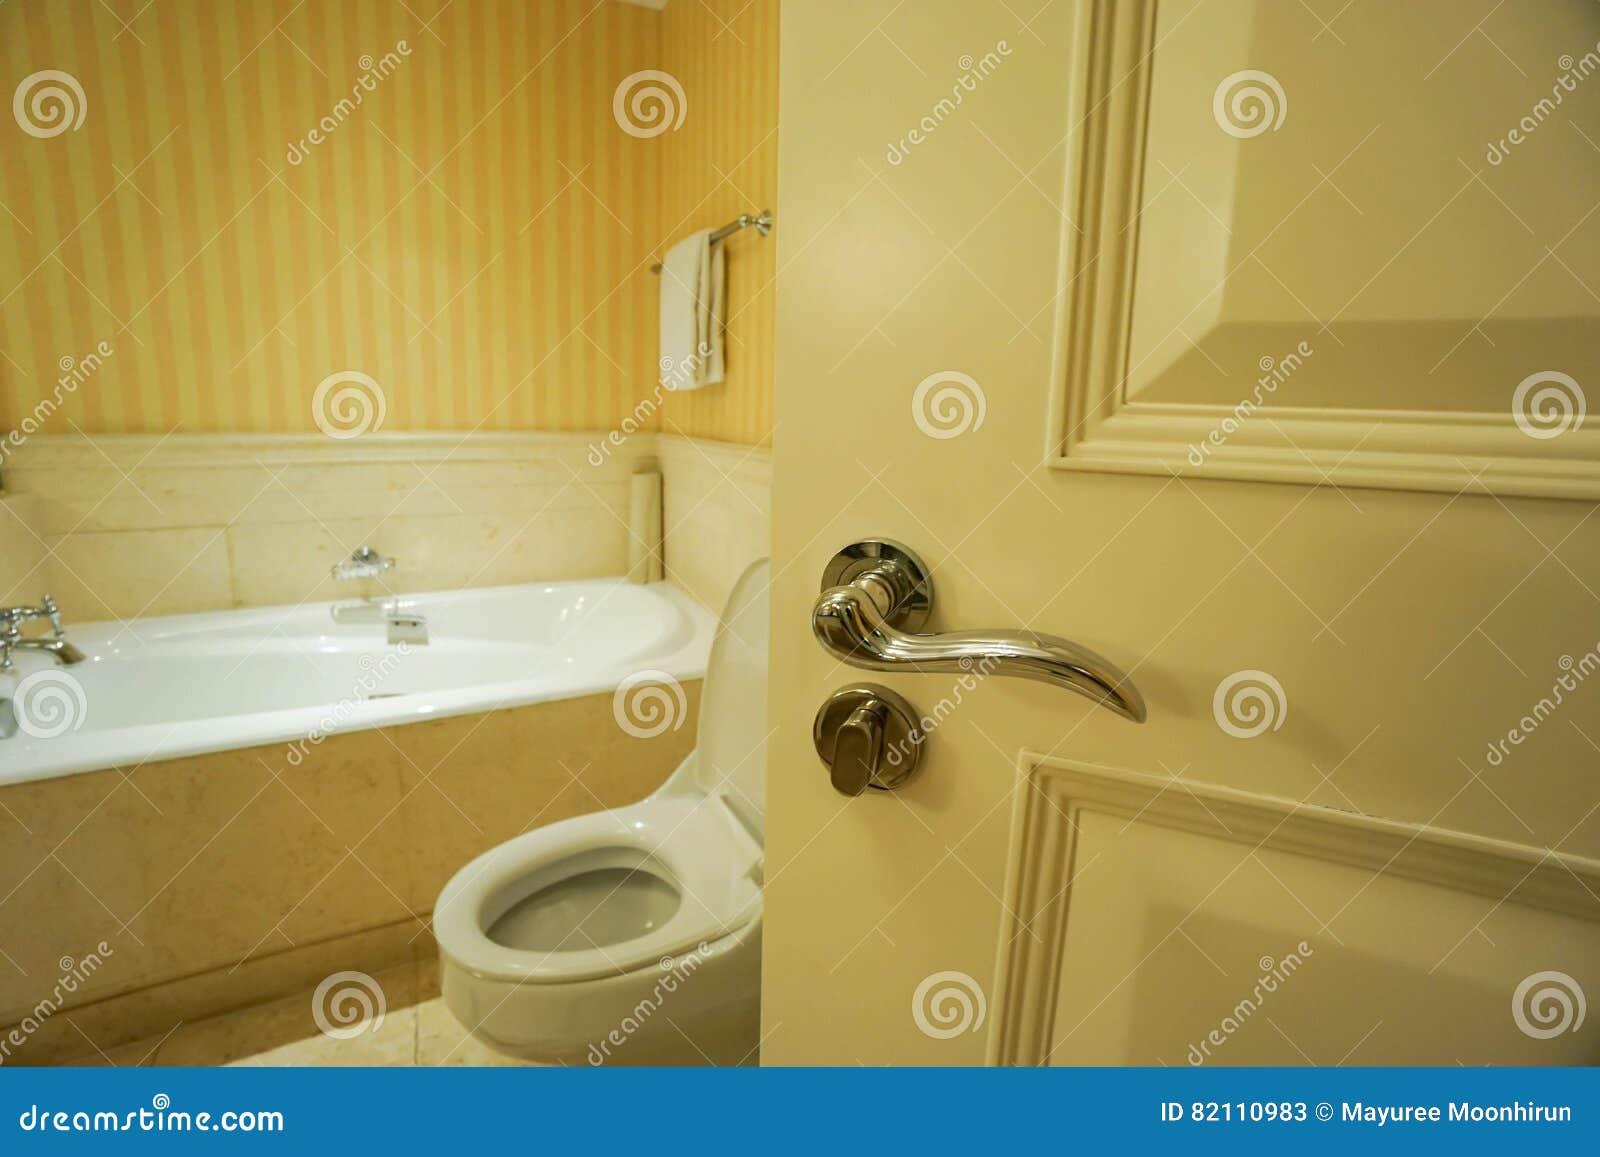 Раскройте дверь ванной комнаты